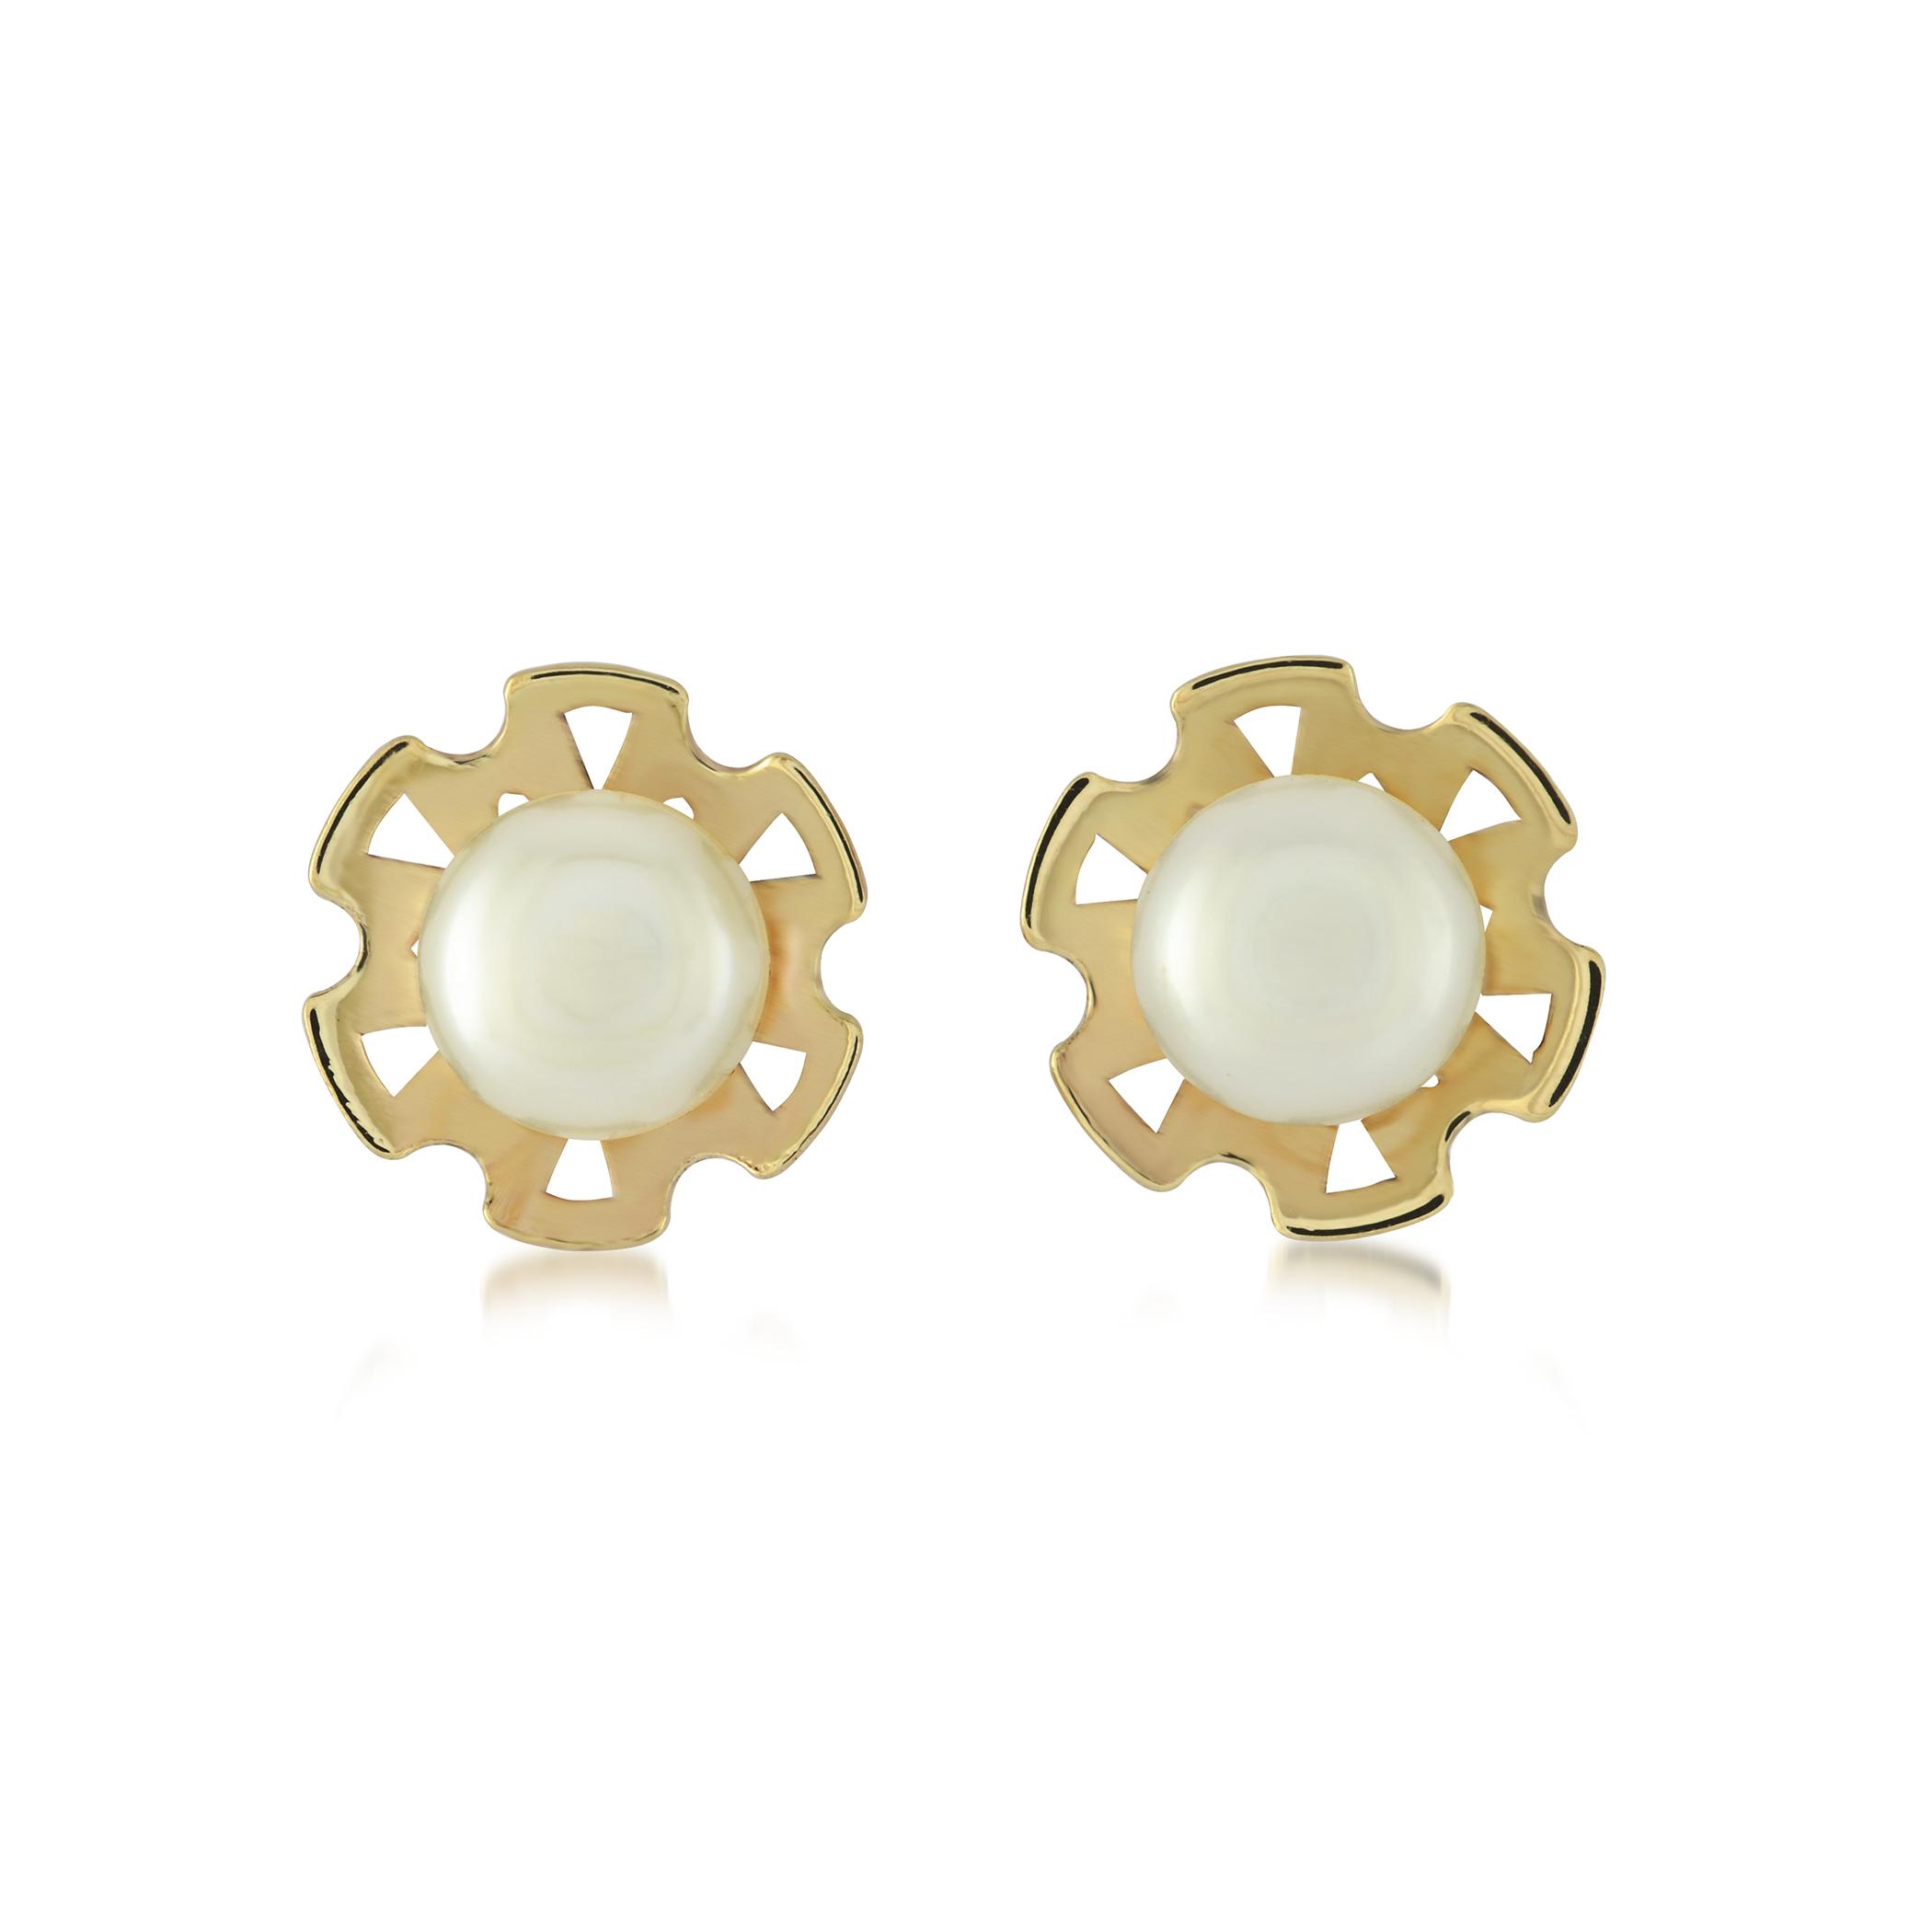 Bloucles d'oreilles coeurs en or avec perles découpes